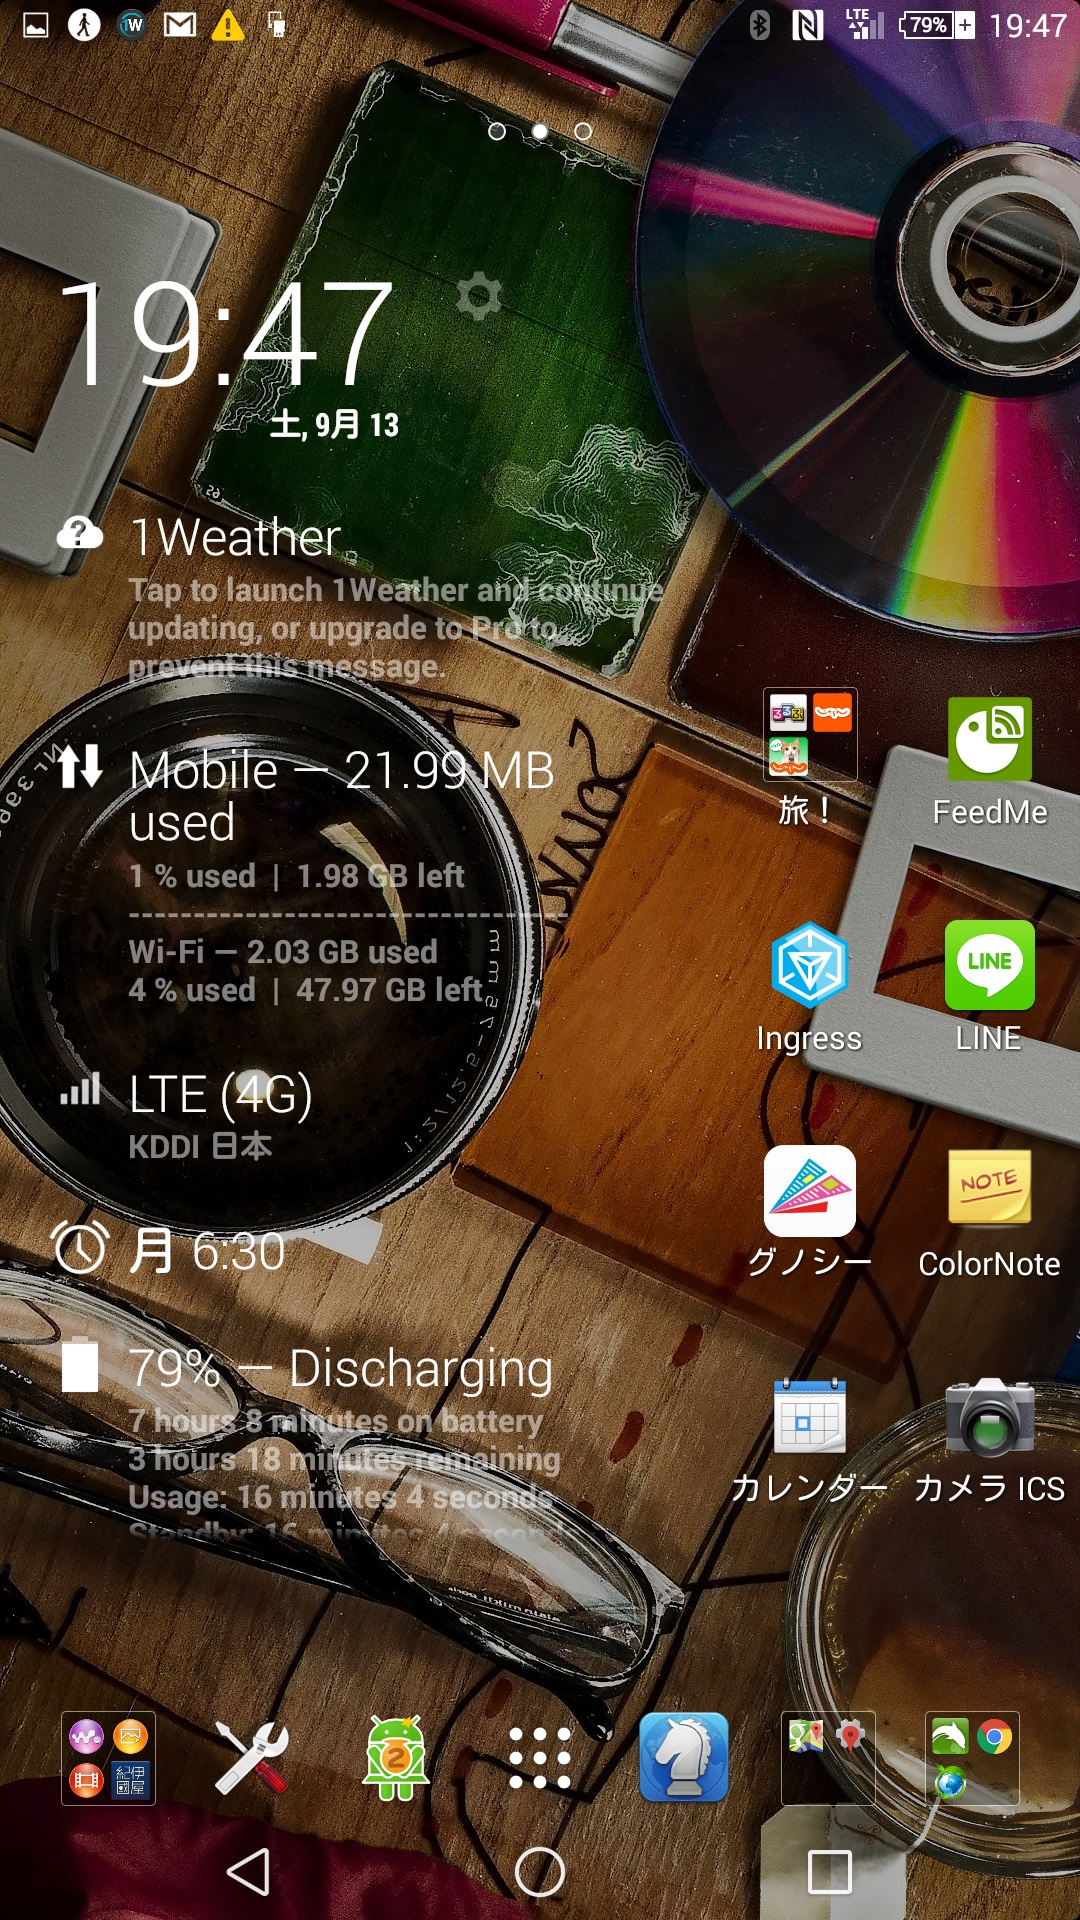 Screenshot_2014-09-13-19-47-05.jpg